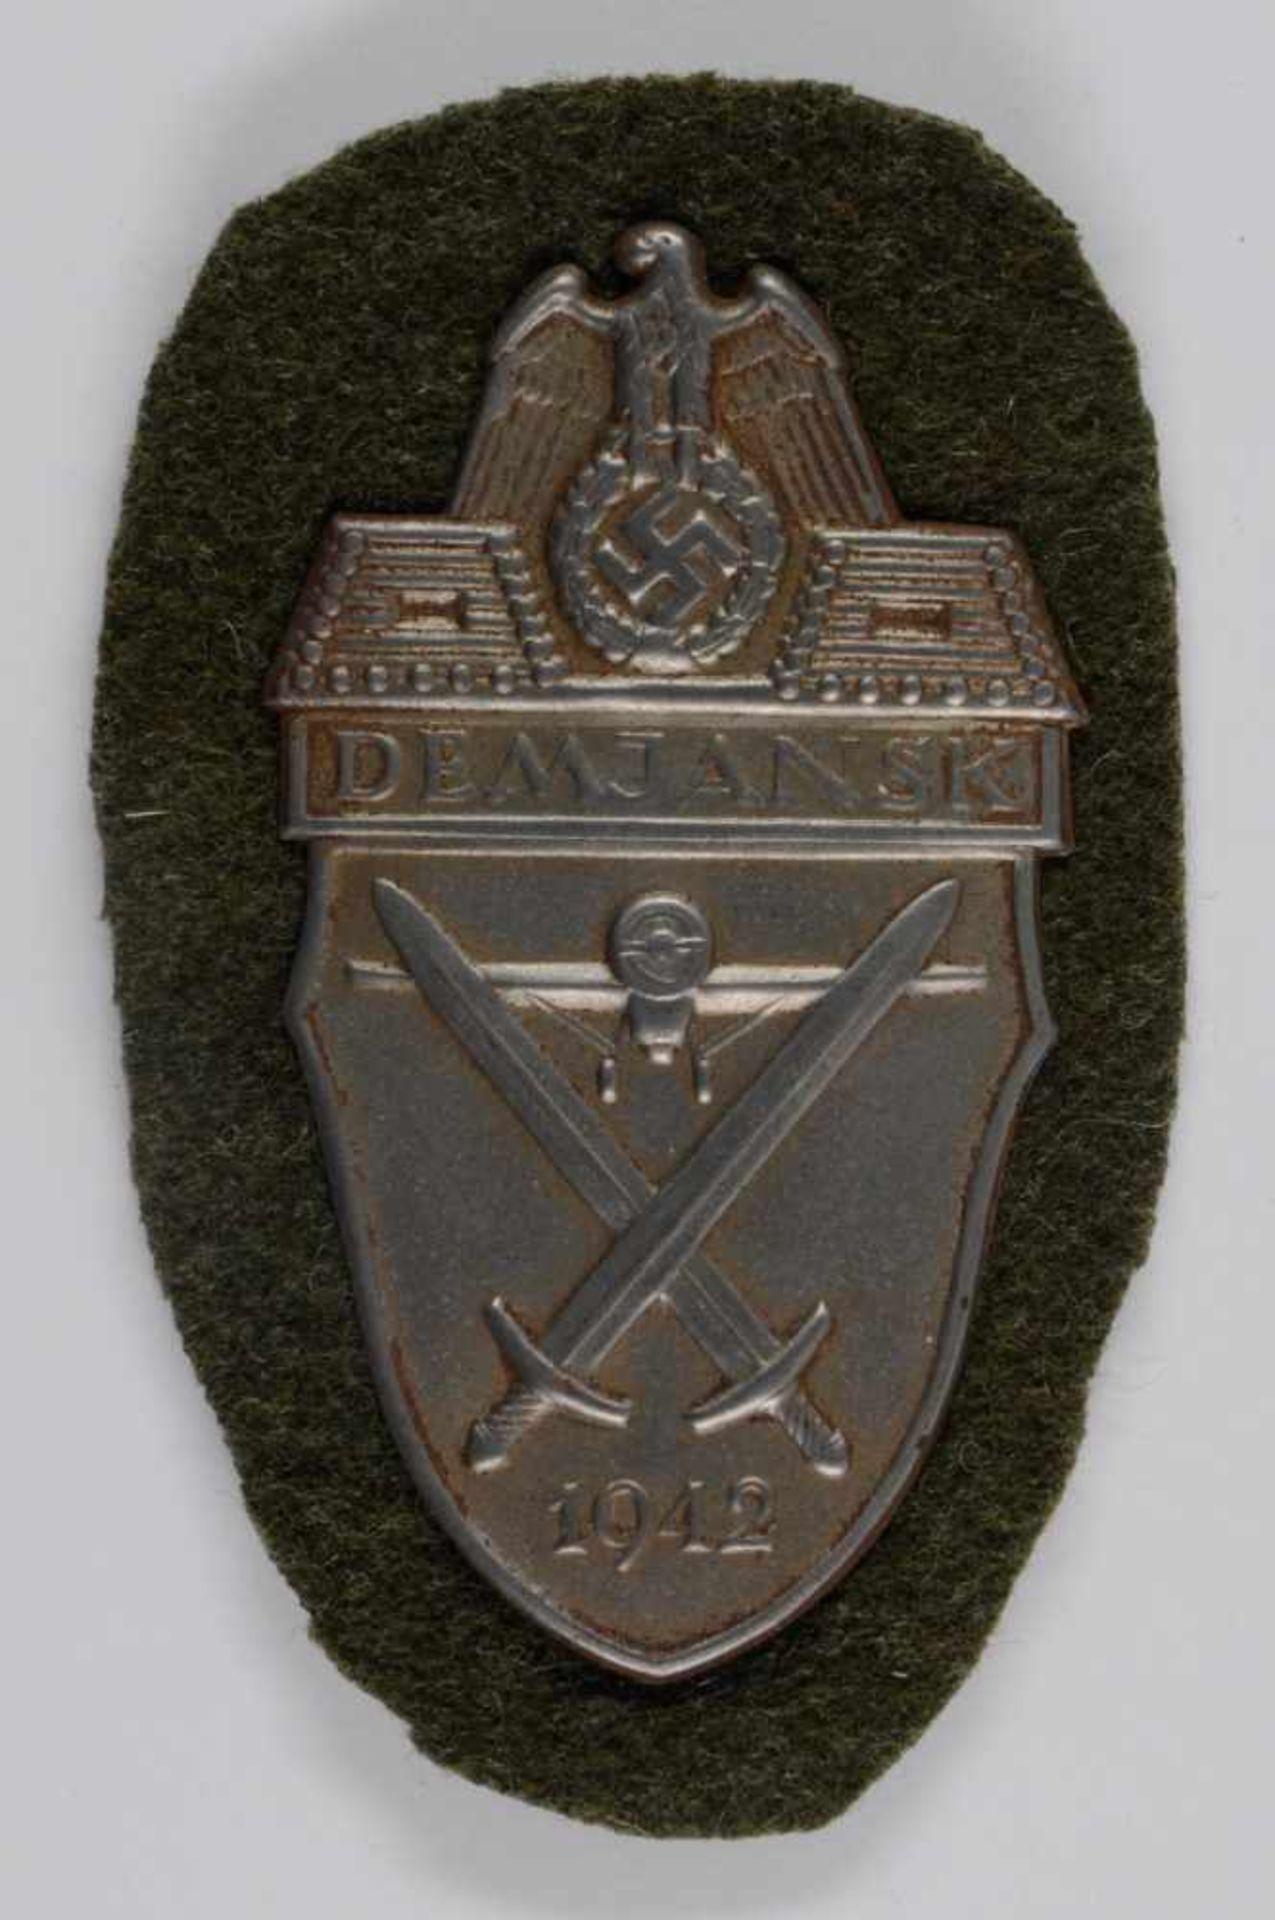 Auszeichnungen Wehrmacht Heer 2. Weltkrieg Demjansk-Schild 1942, Eisen getönt, magnetisch, auf